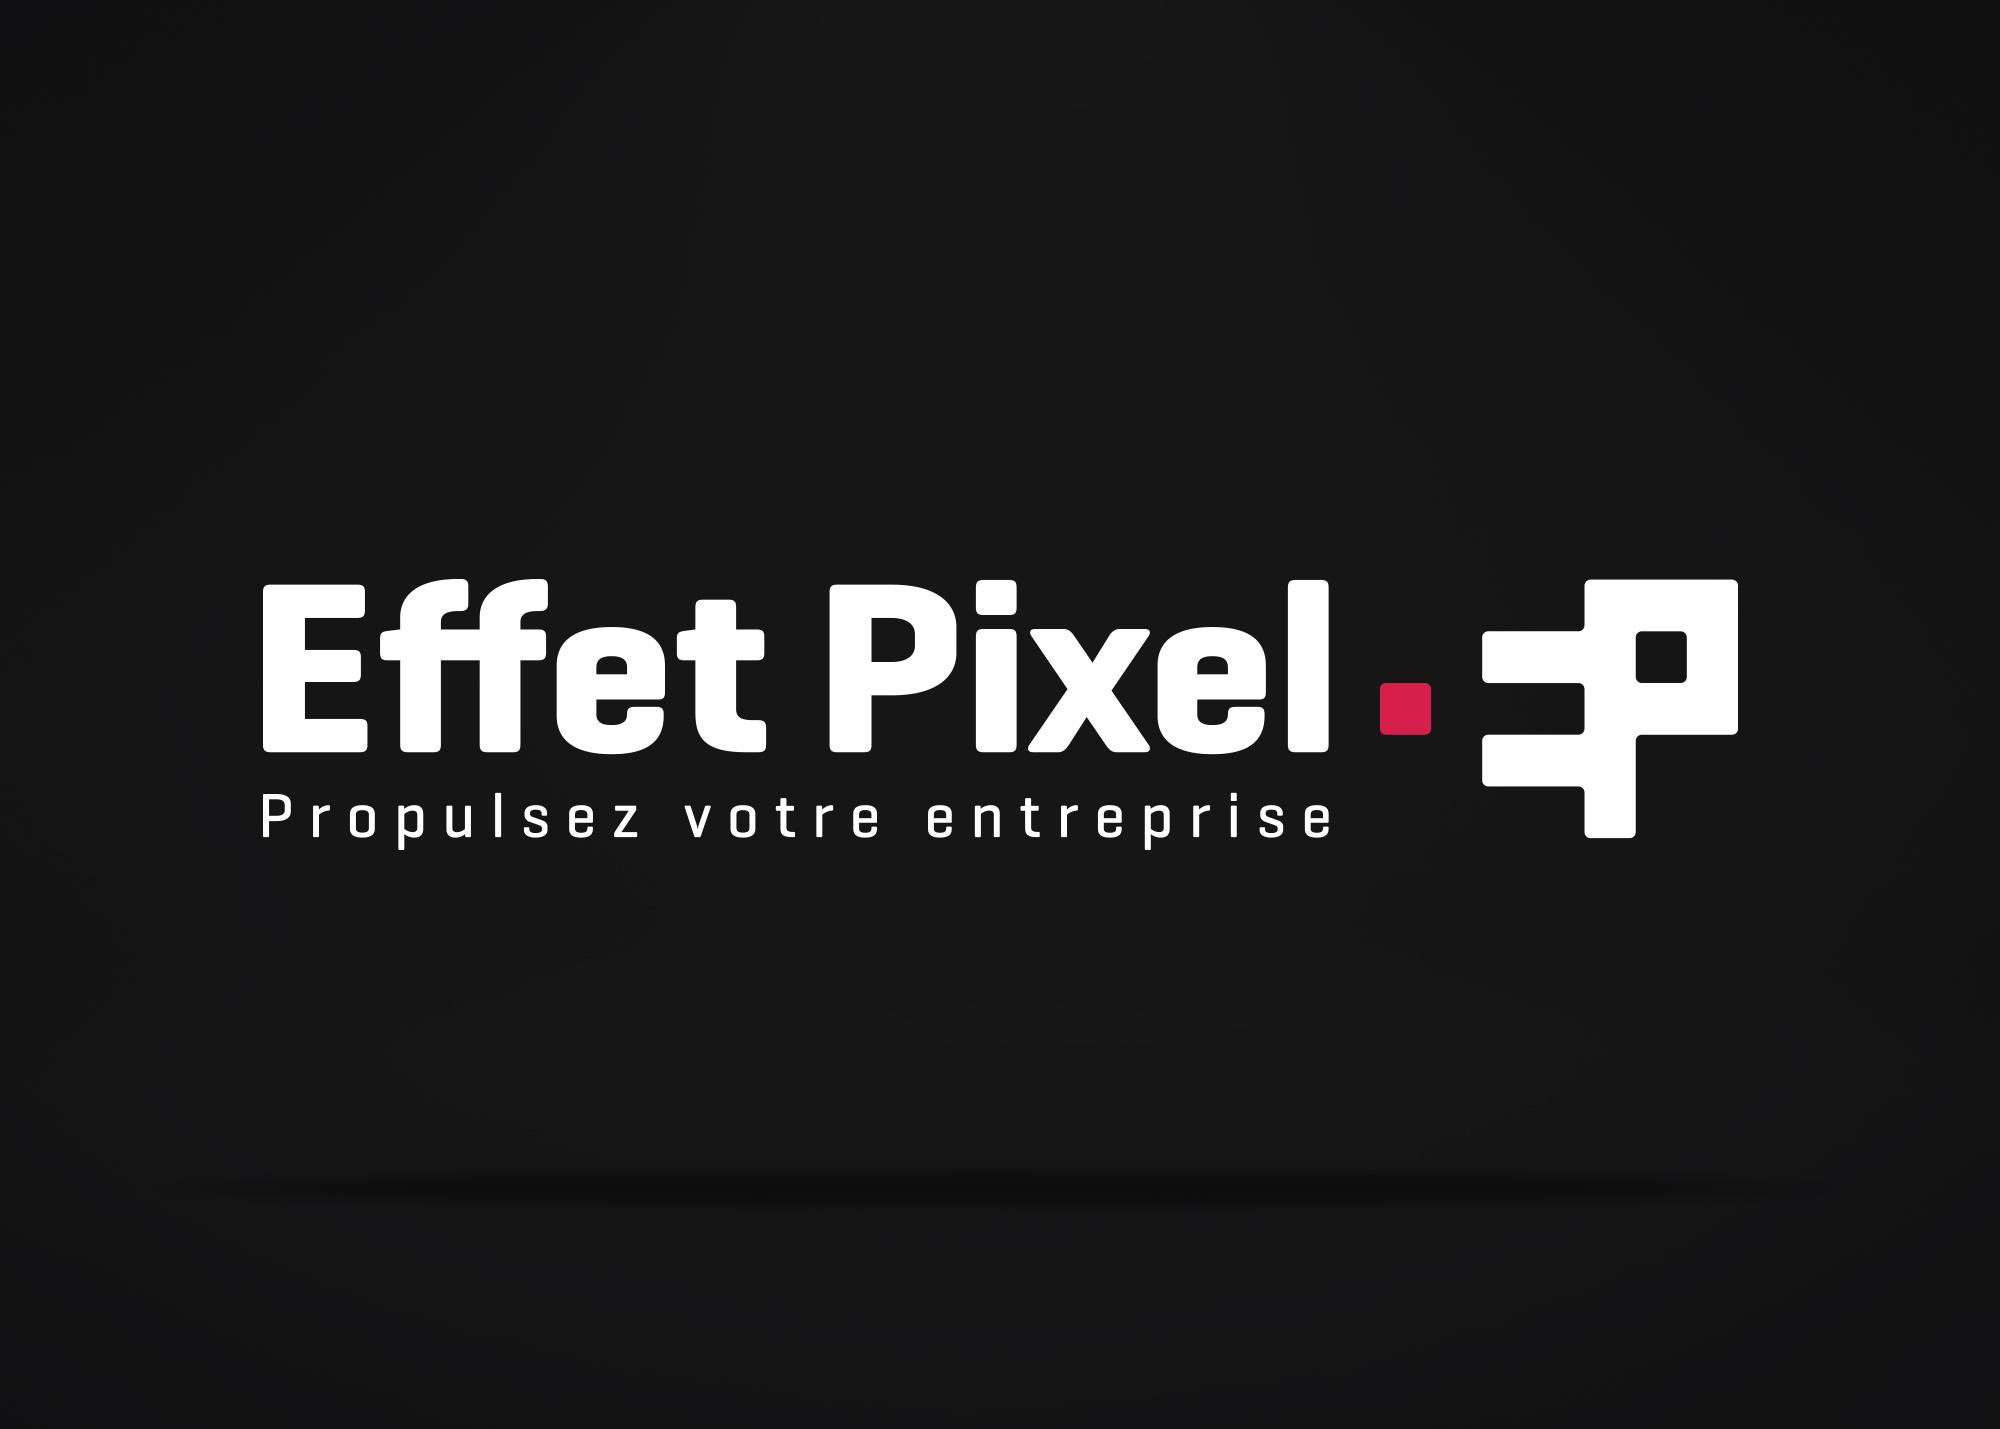 Logo Effet Pixel renversé sur fond noir